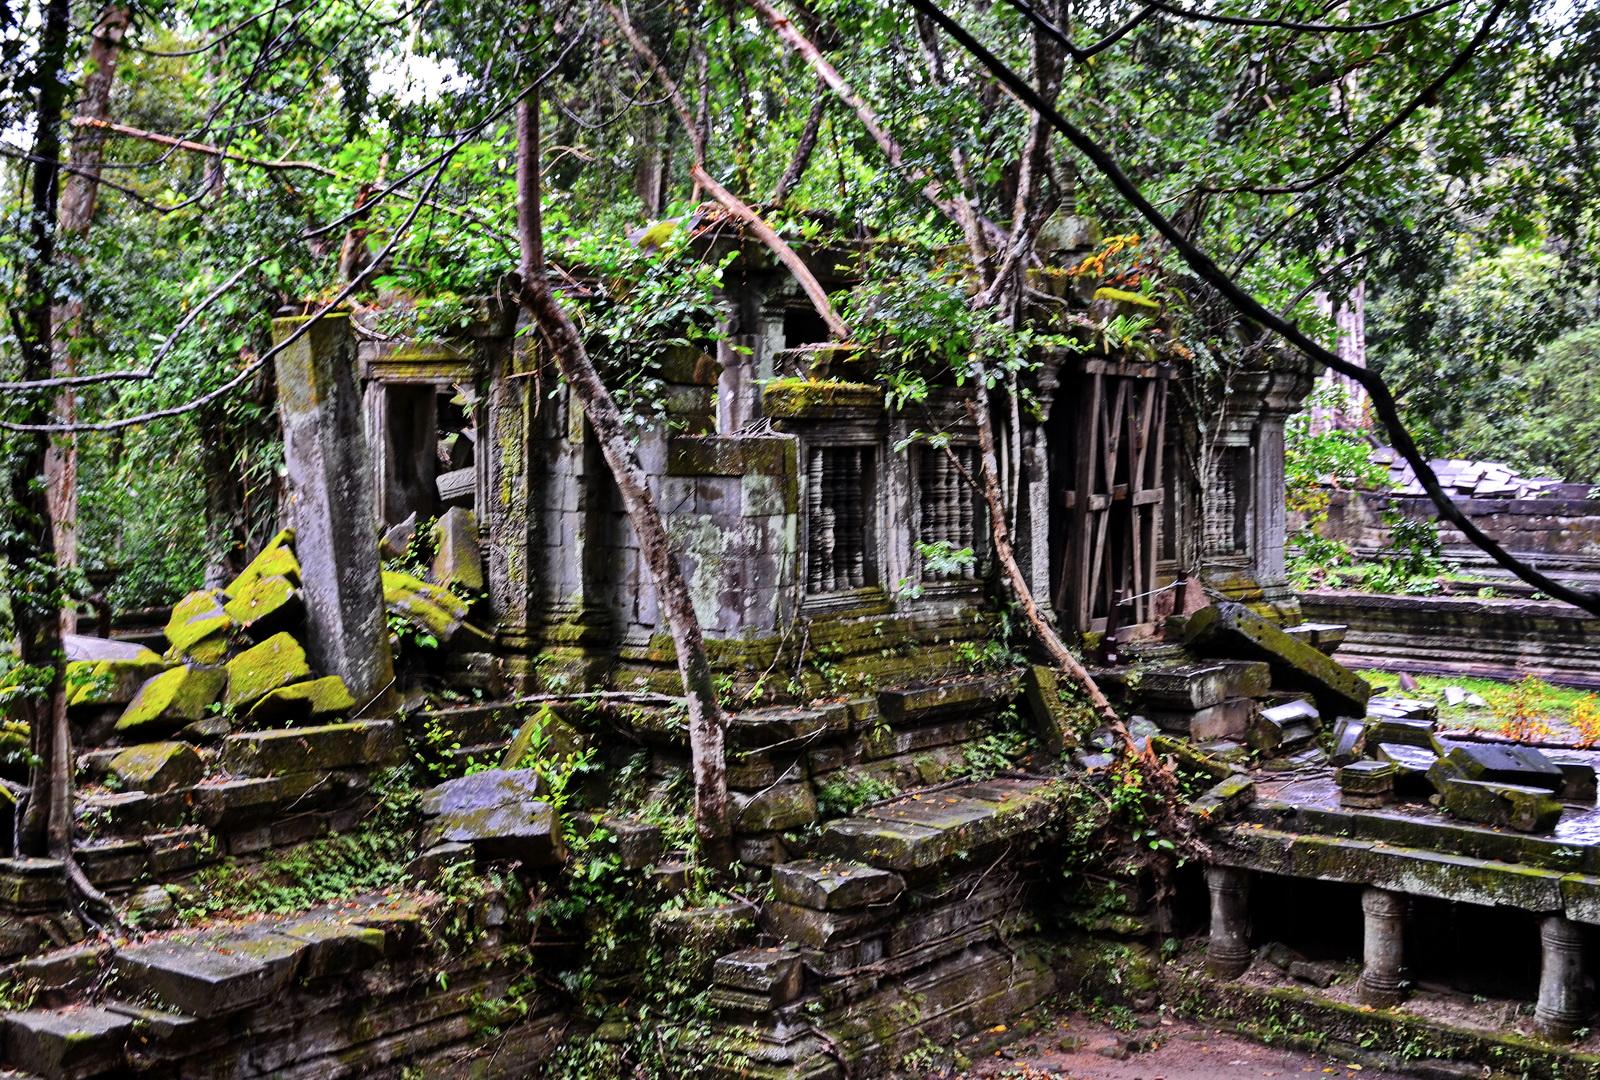 Cambodia, Beng Melea, library